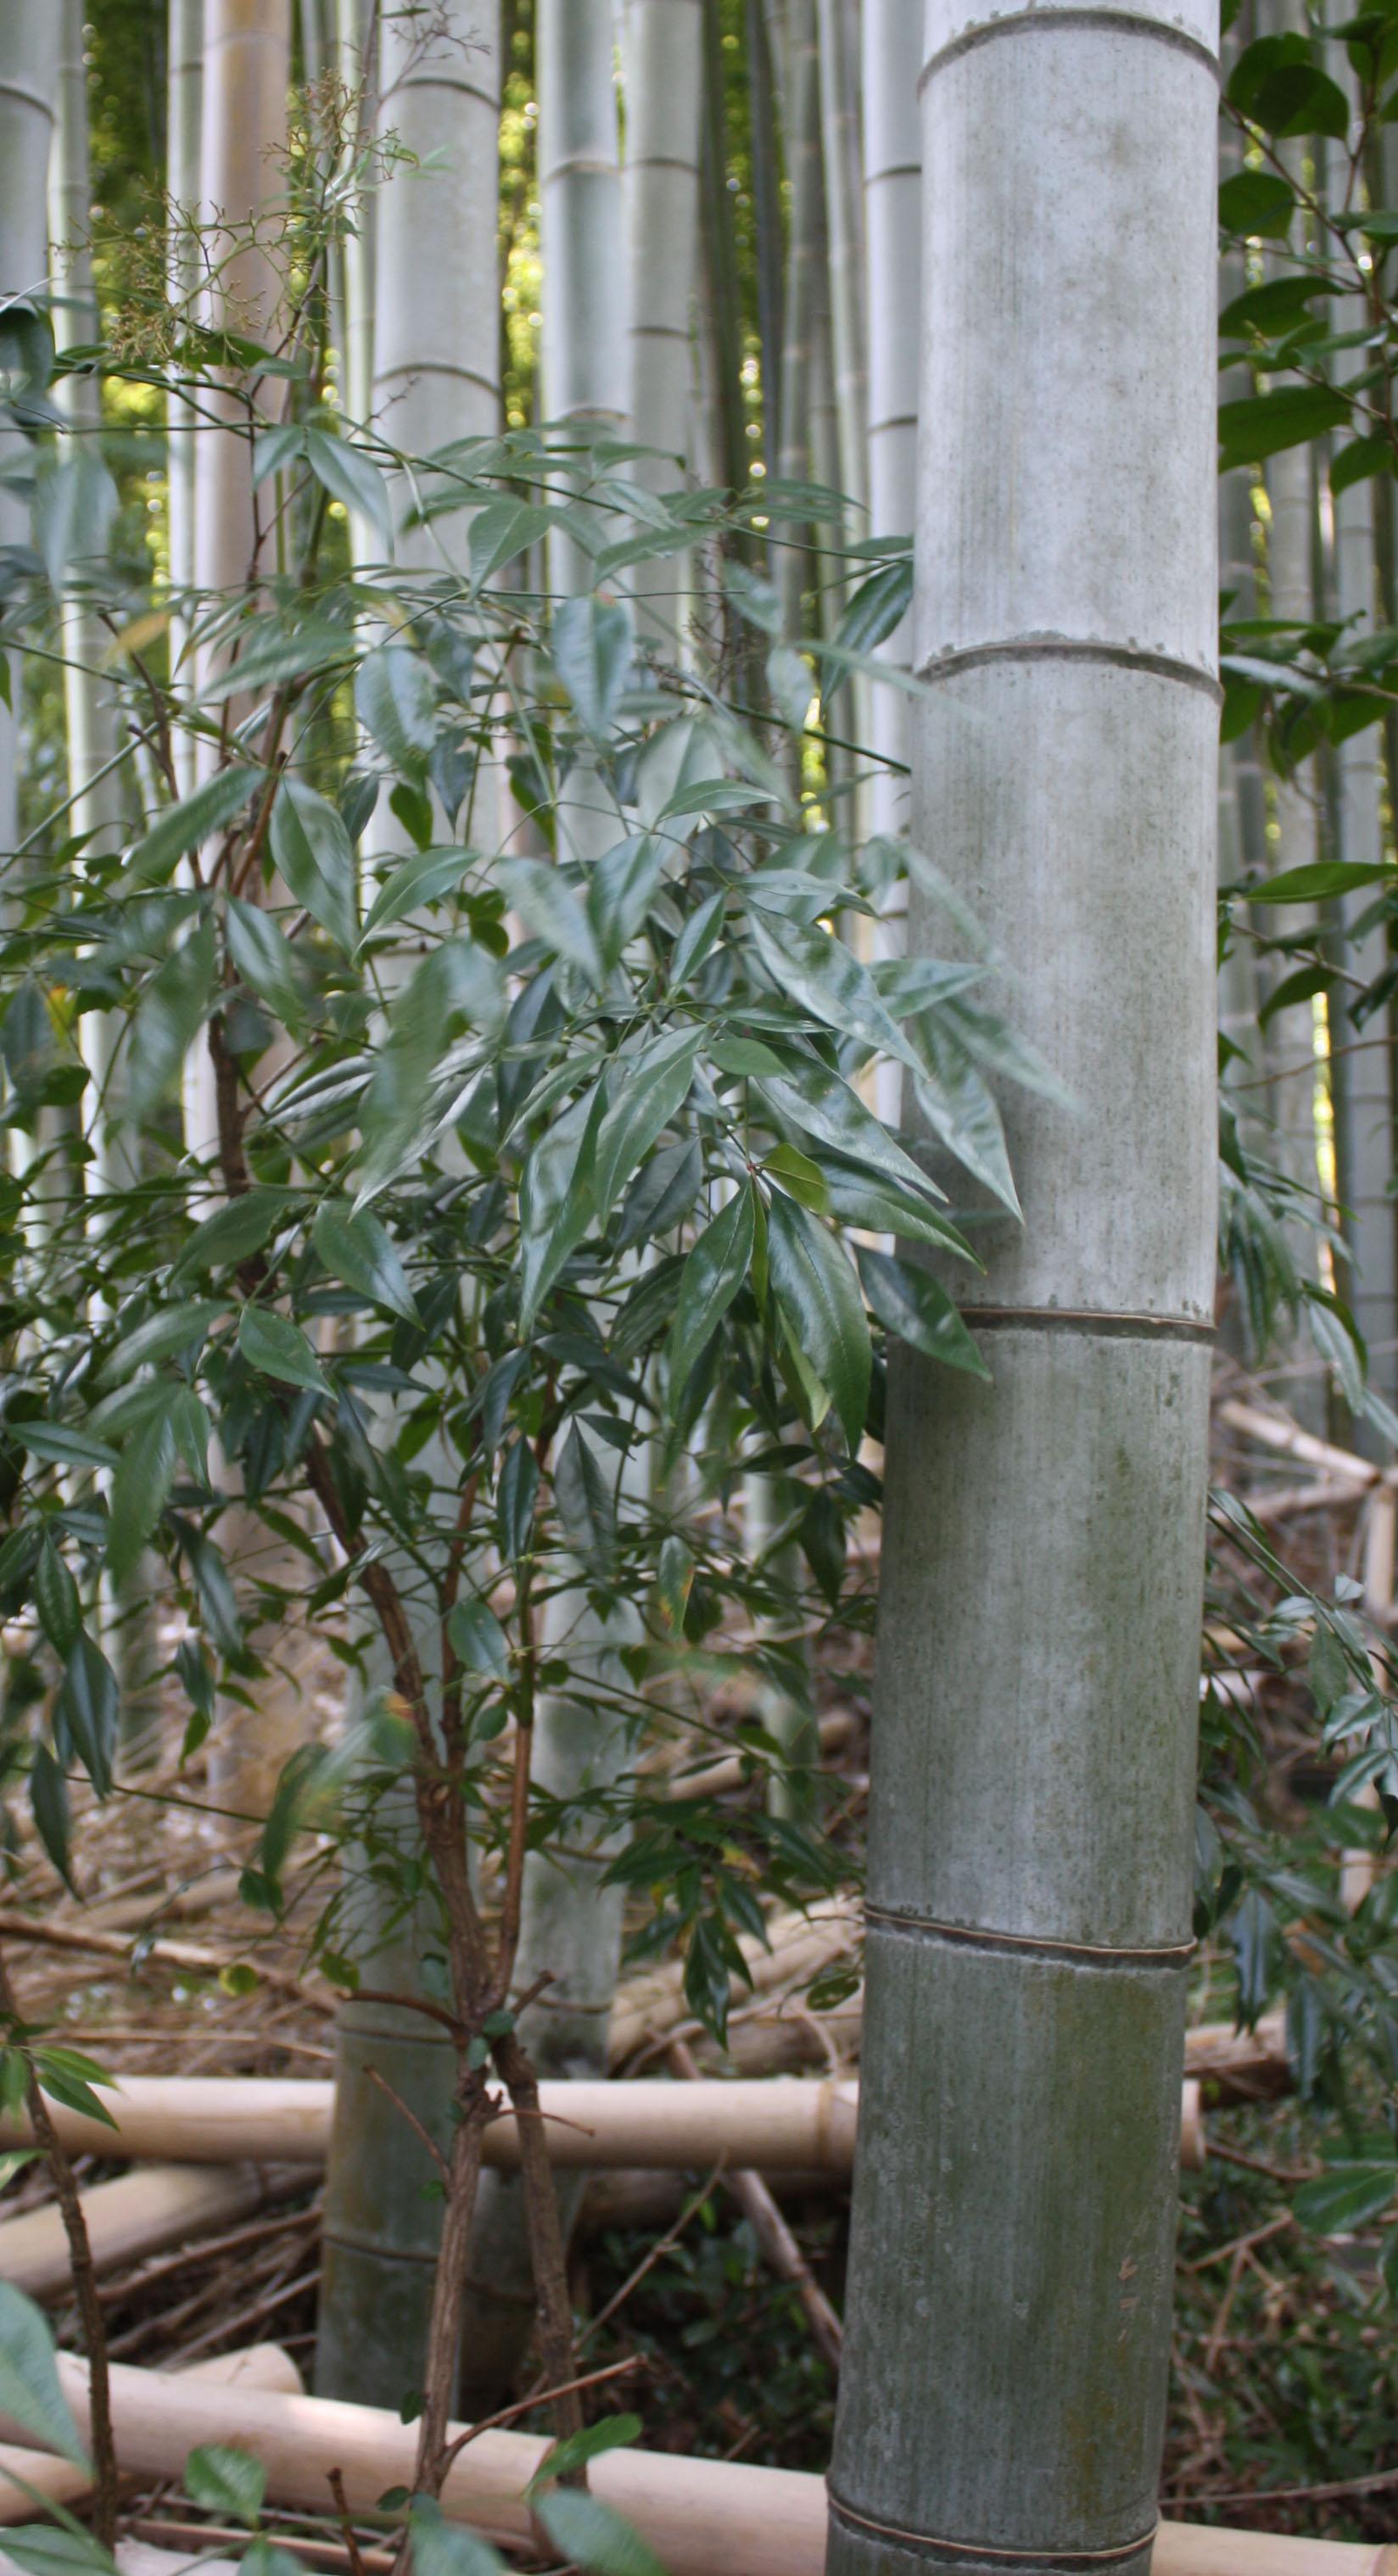 bamboo-close01 copy